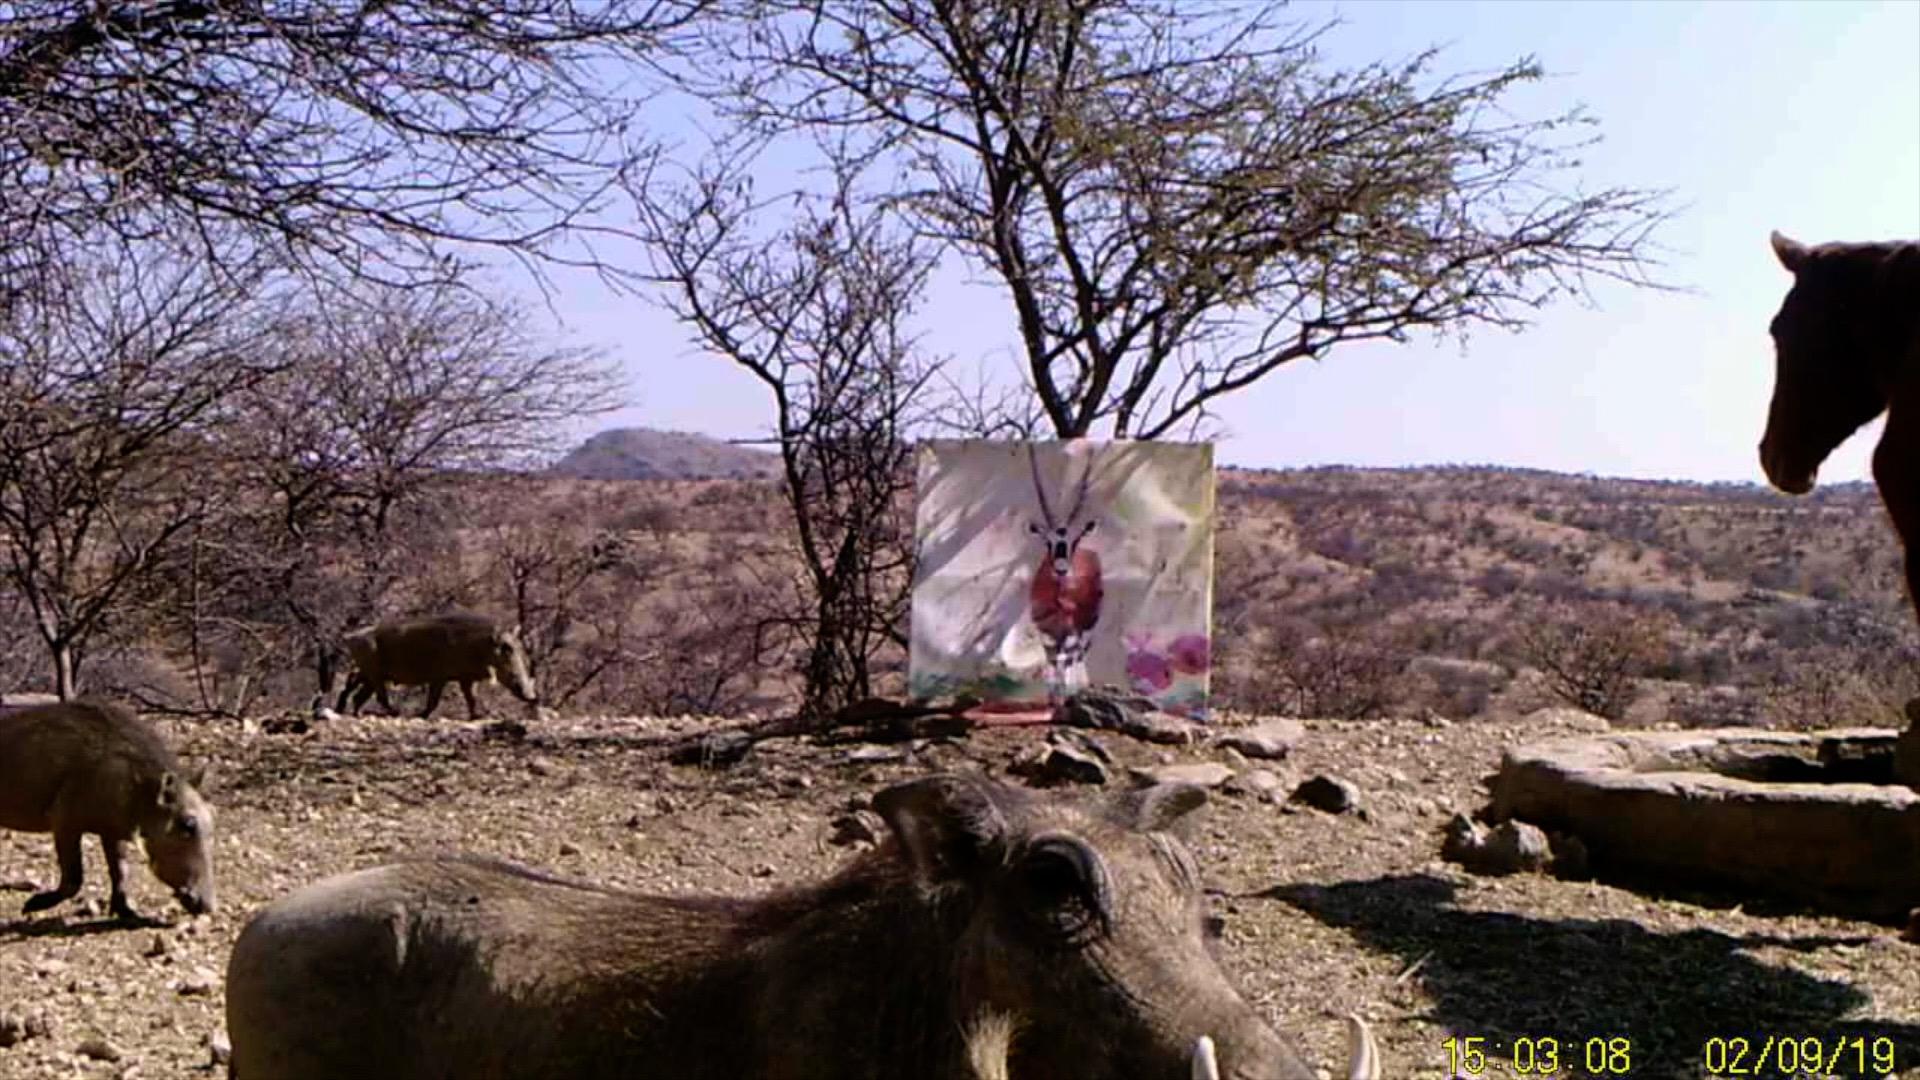 Filmstill SUPERWILDVISION Namibia 2019, Afrika, Kunstprojekt von Irene Mueller, Pferd und Warzenschweine, Gemaelde Antilope